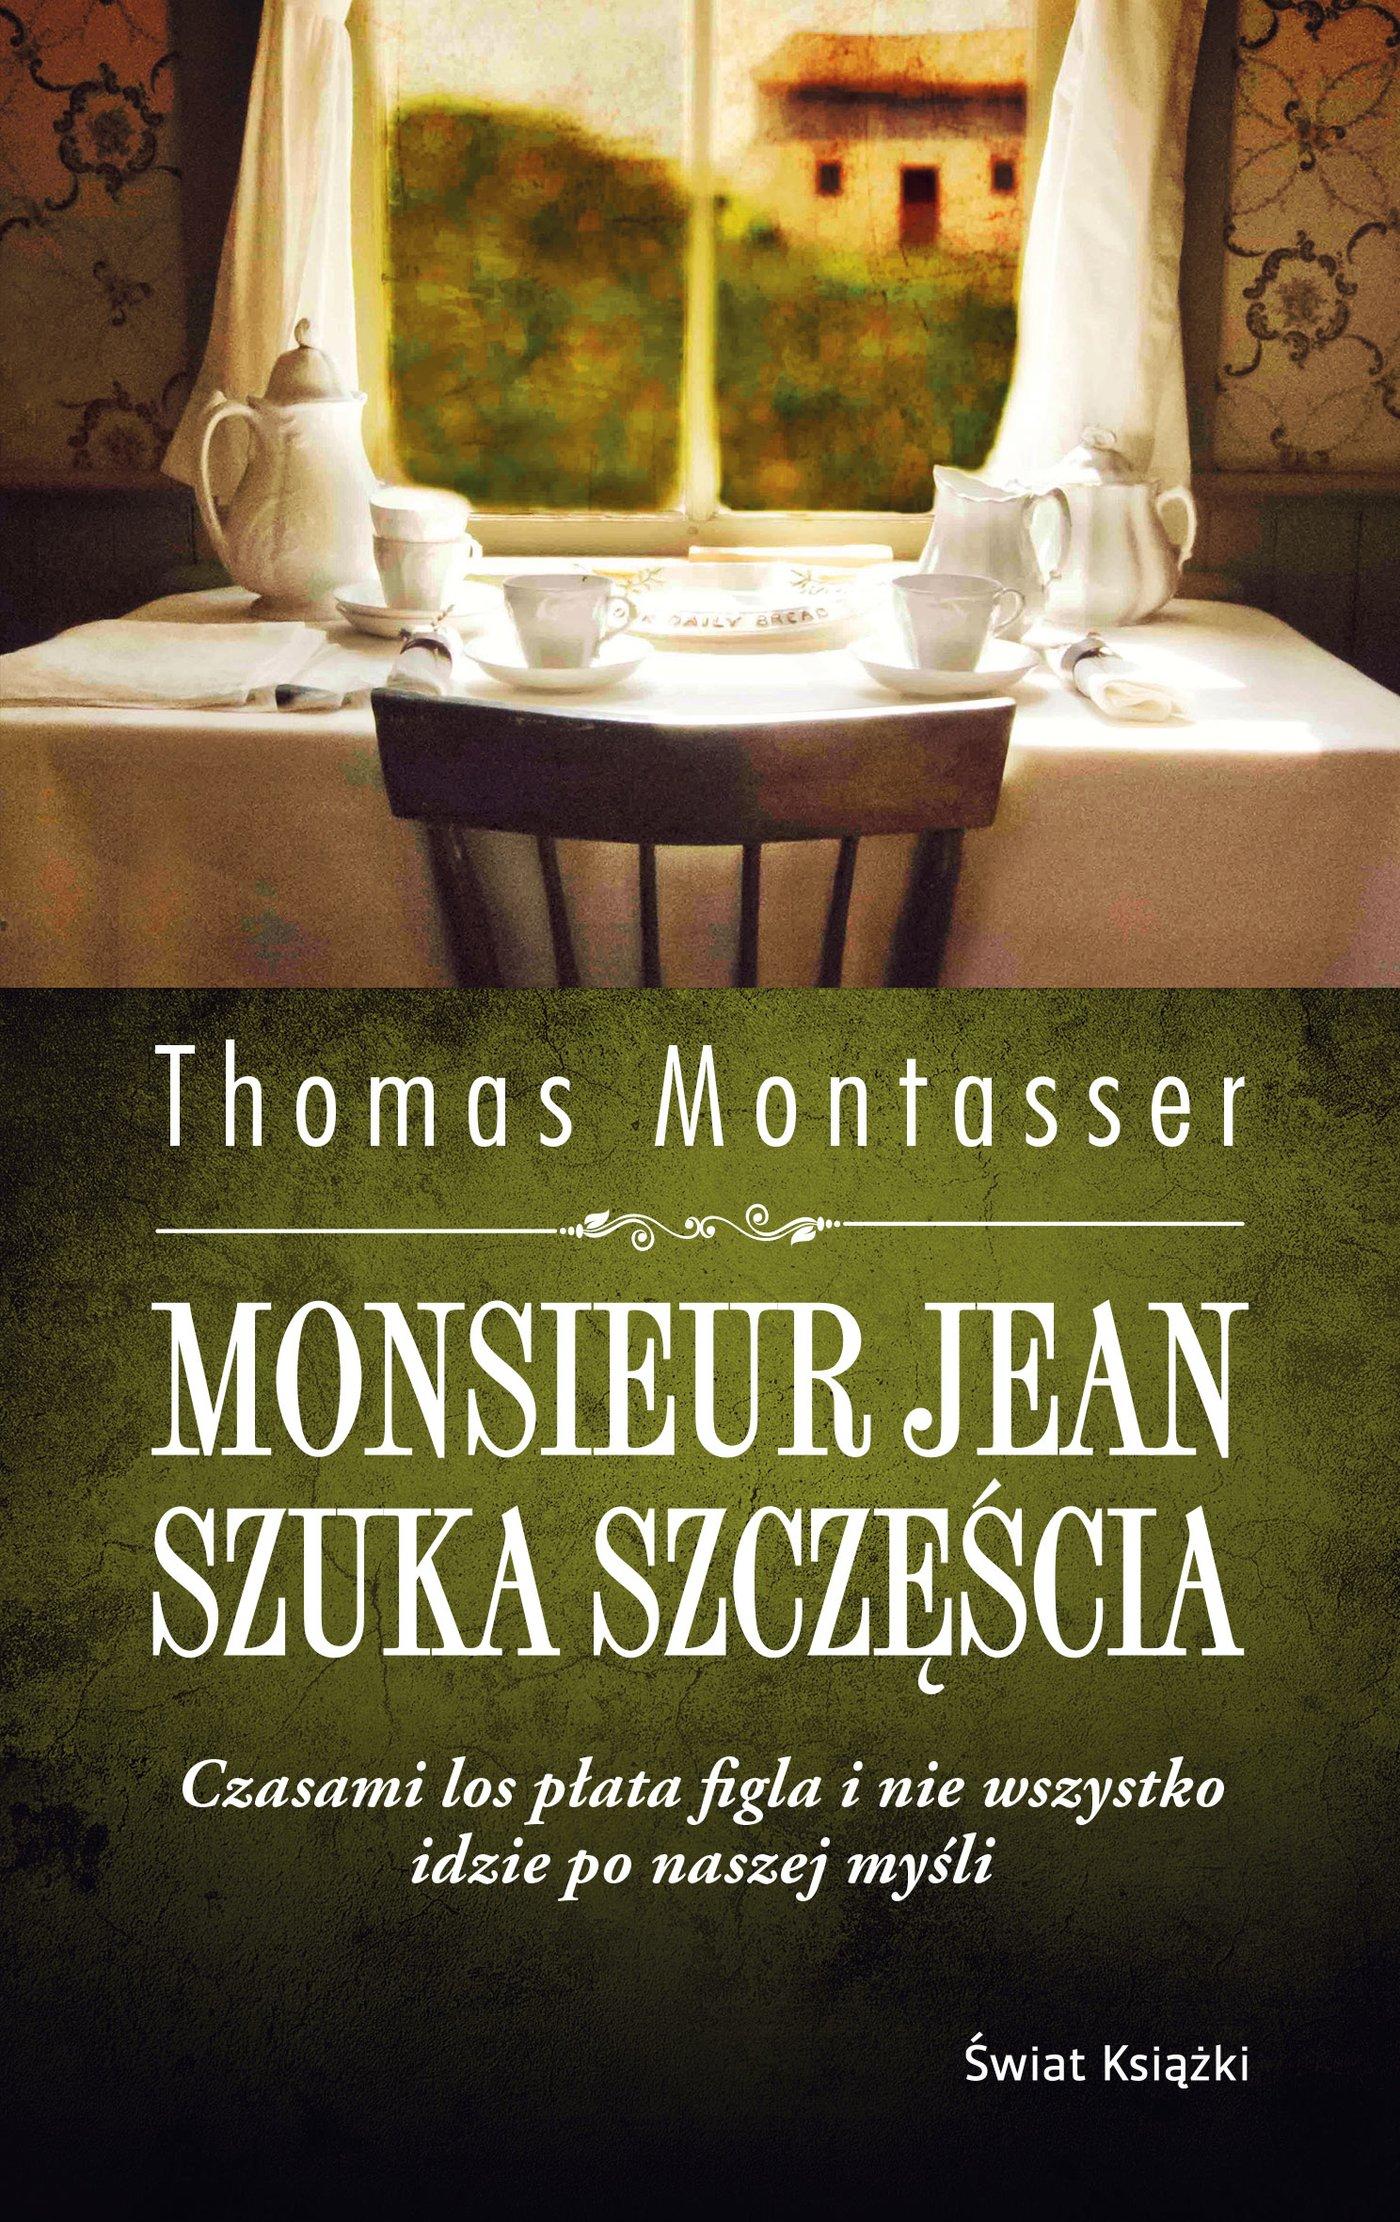 Monsieur Jean szuka szczęścia - Ebook (Książka EPUB) do pobrania w formacie EPUB